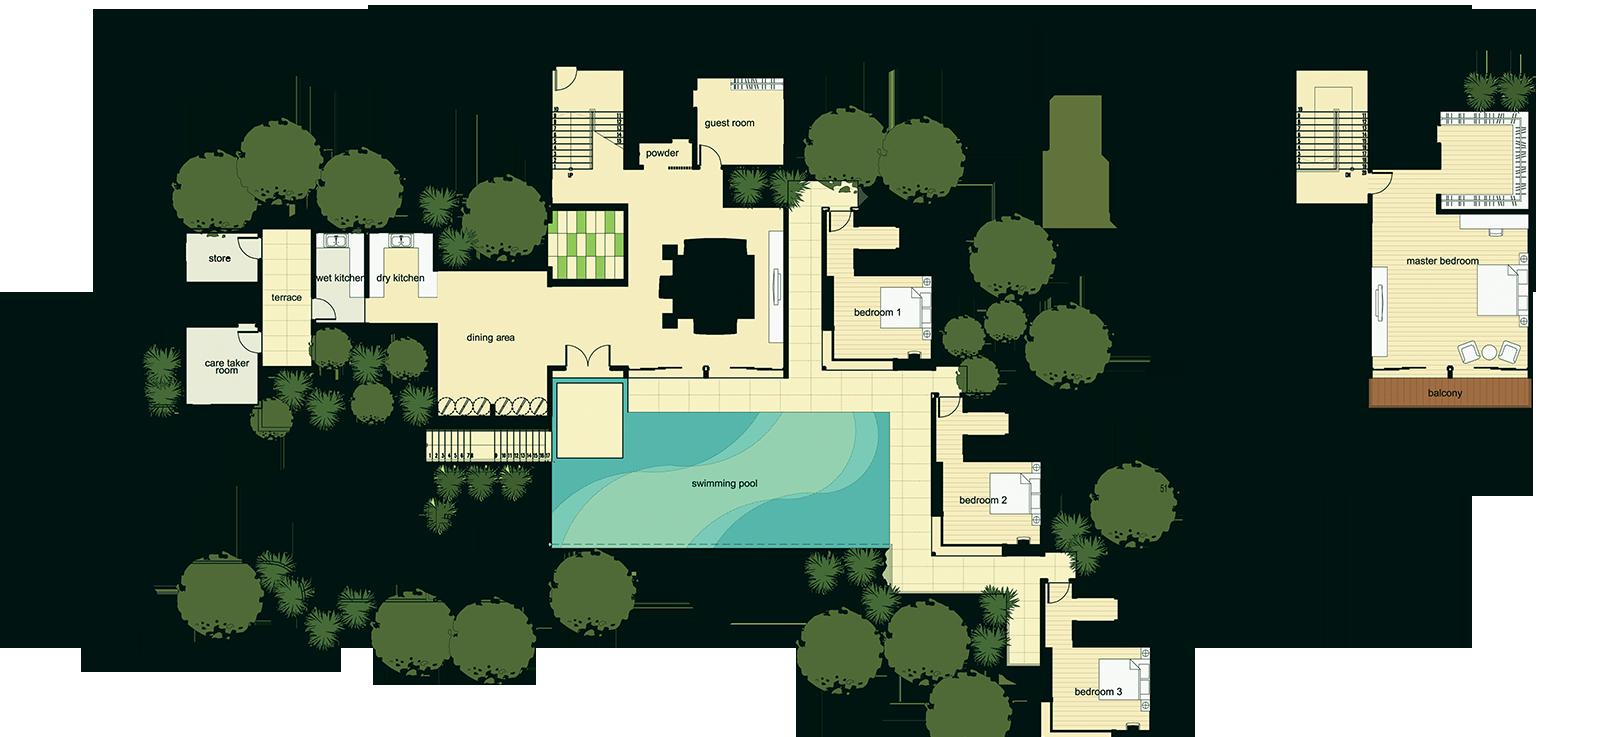 layout04_plan01.png